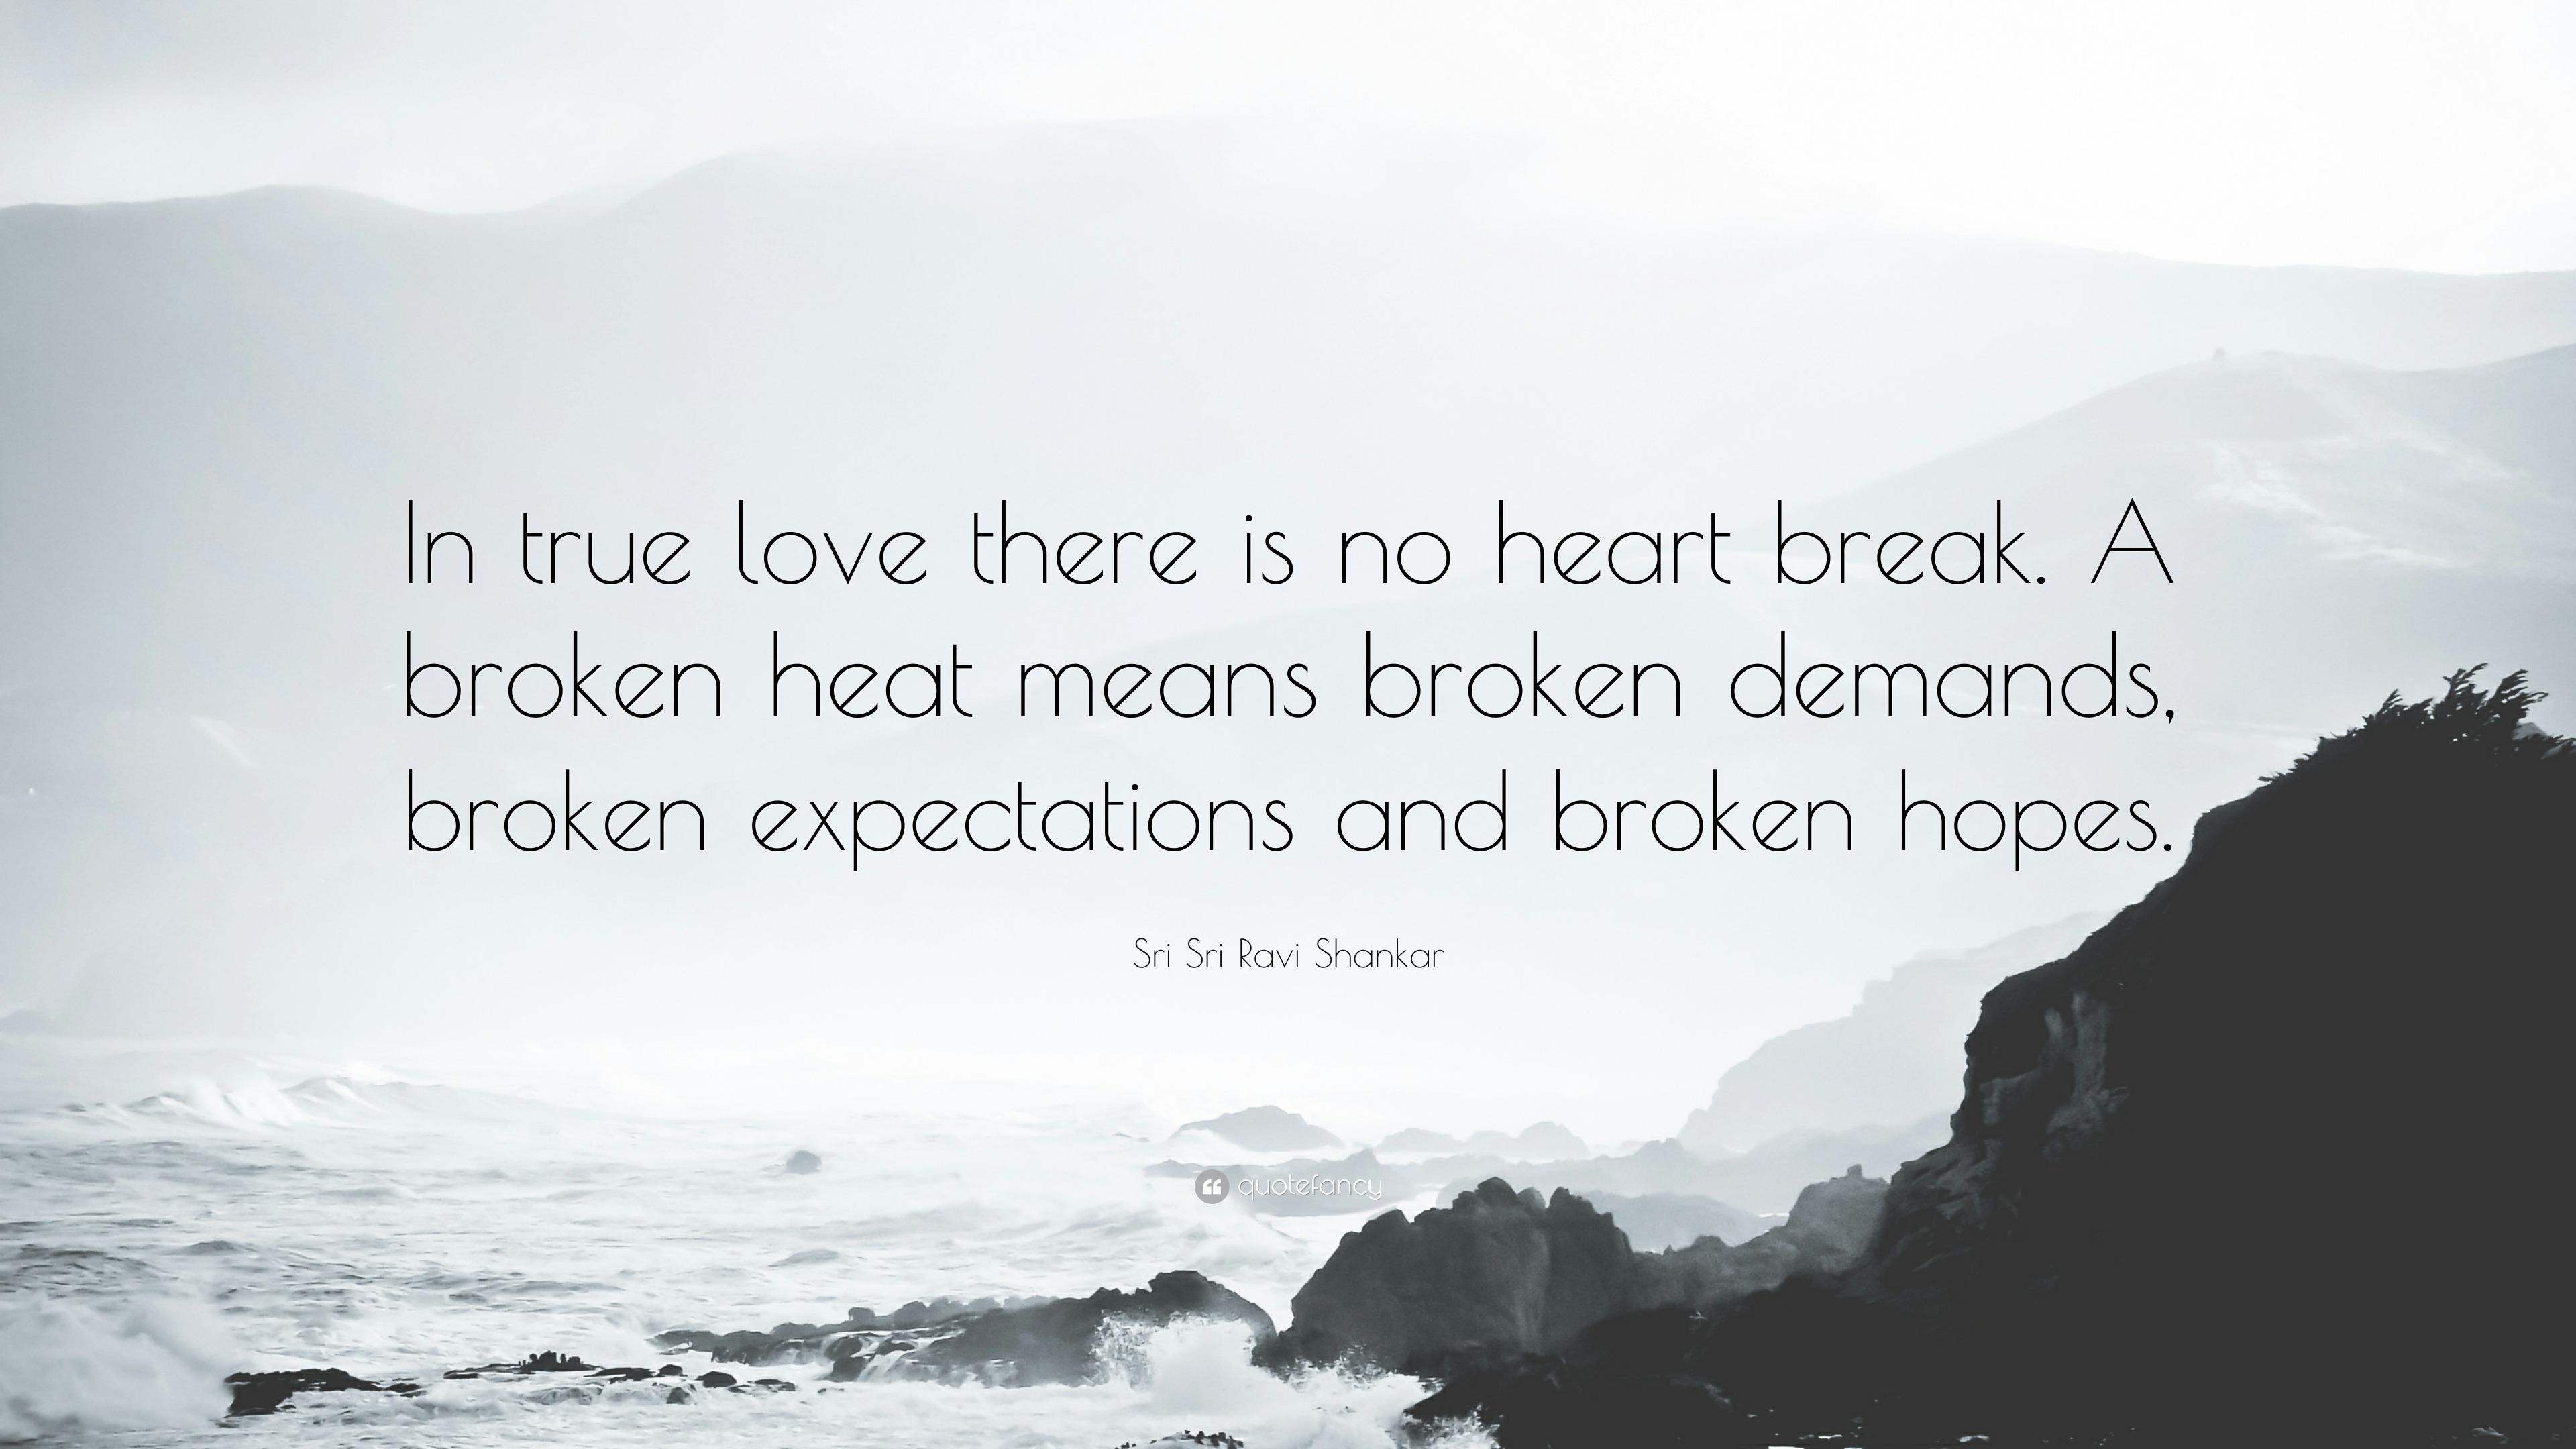 Sri Sri Ravi Shankar Quote In True Love There Is No Heart Break A